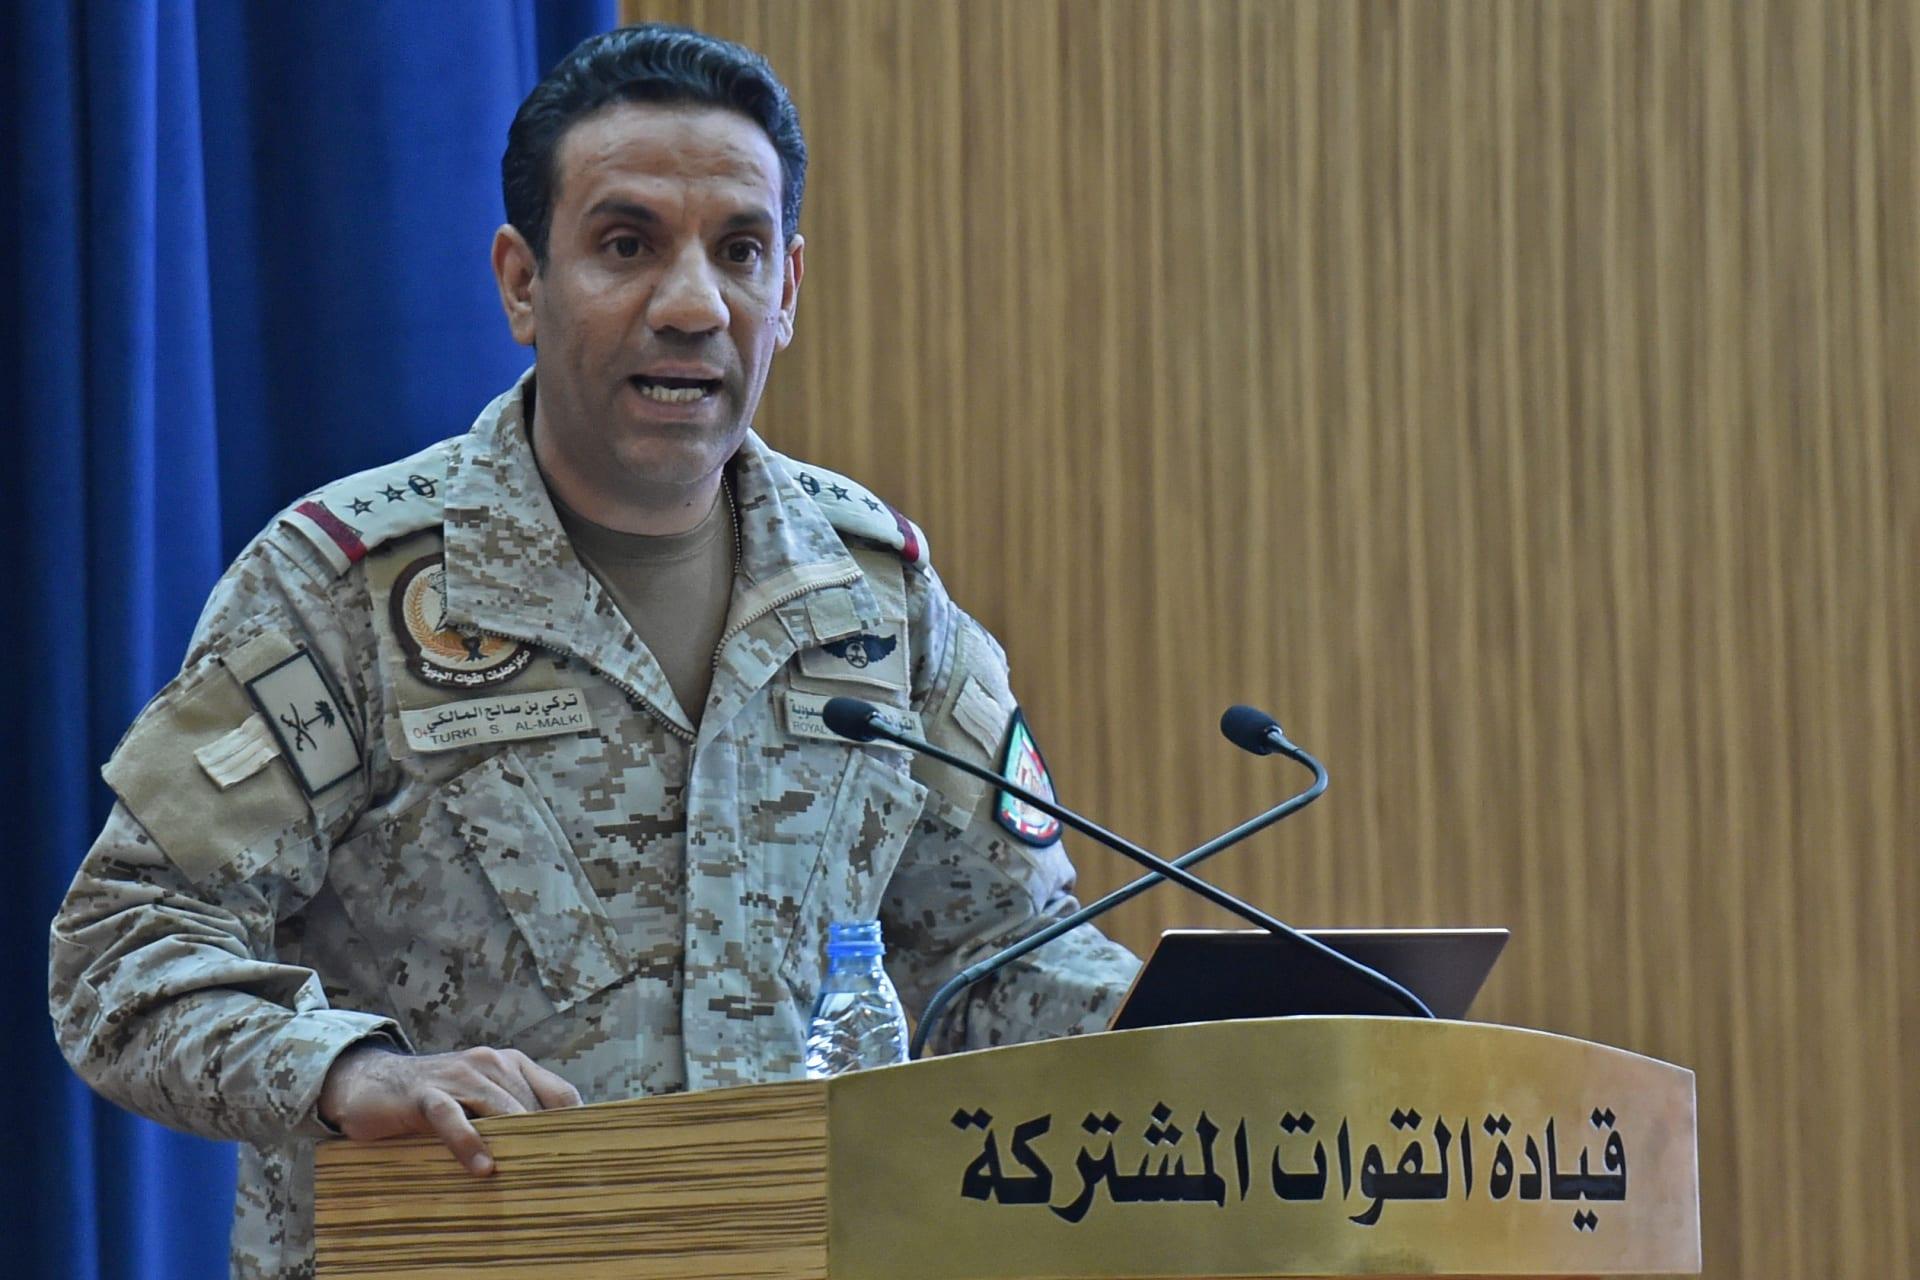 المتحدث باسم قوات التحالف في اليمن العميد تركي المالكي